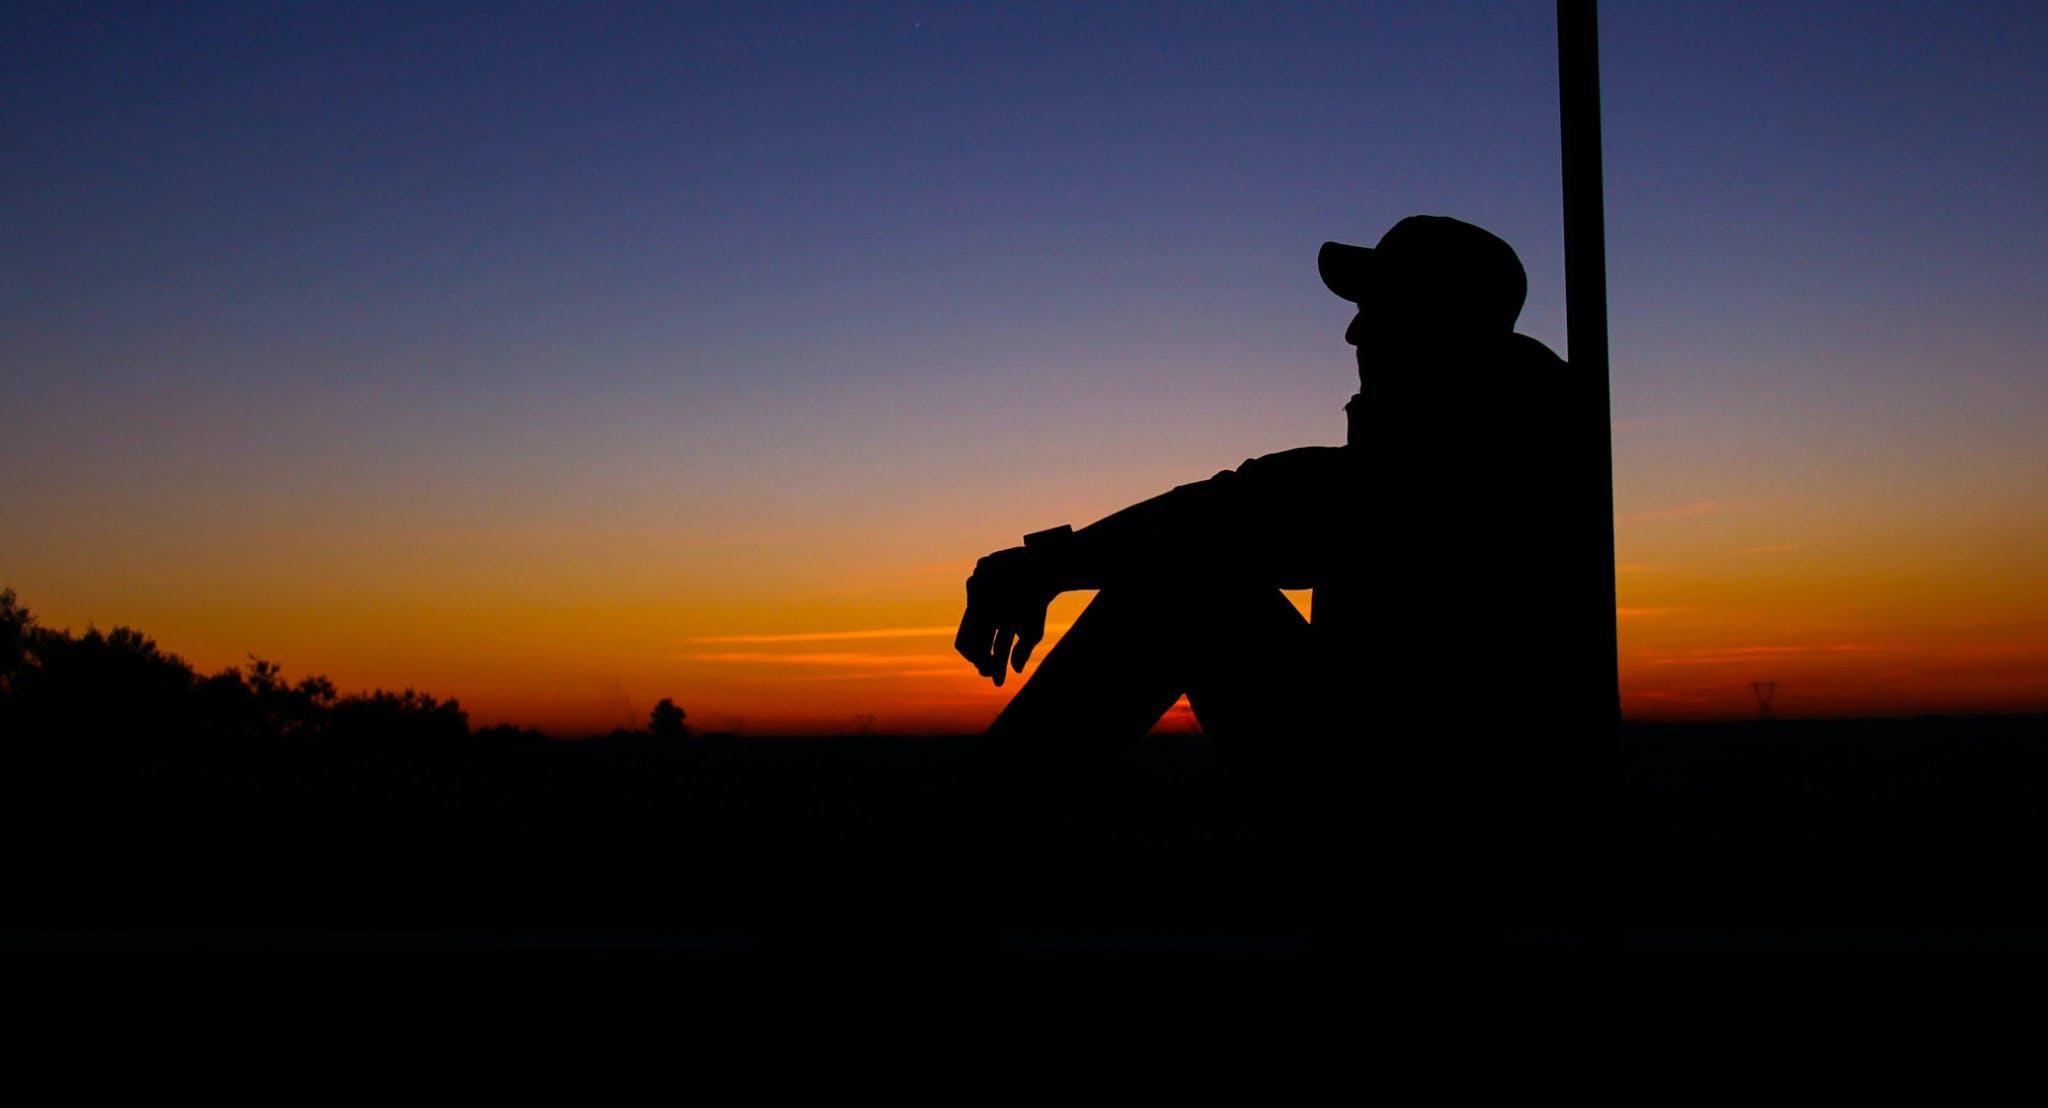 Kostenloses Stock Foto zu abend, dämmerung, draußen, dunkel